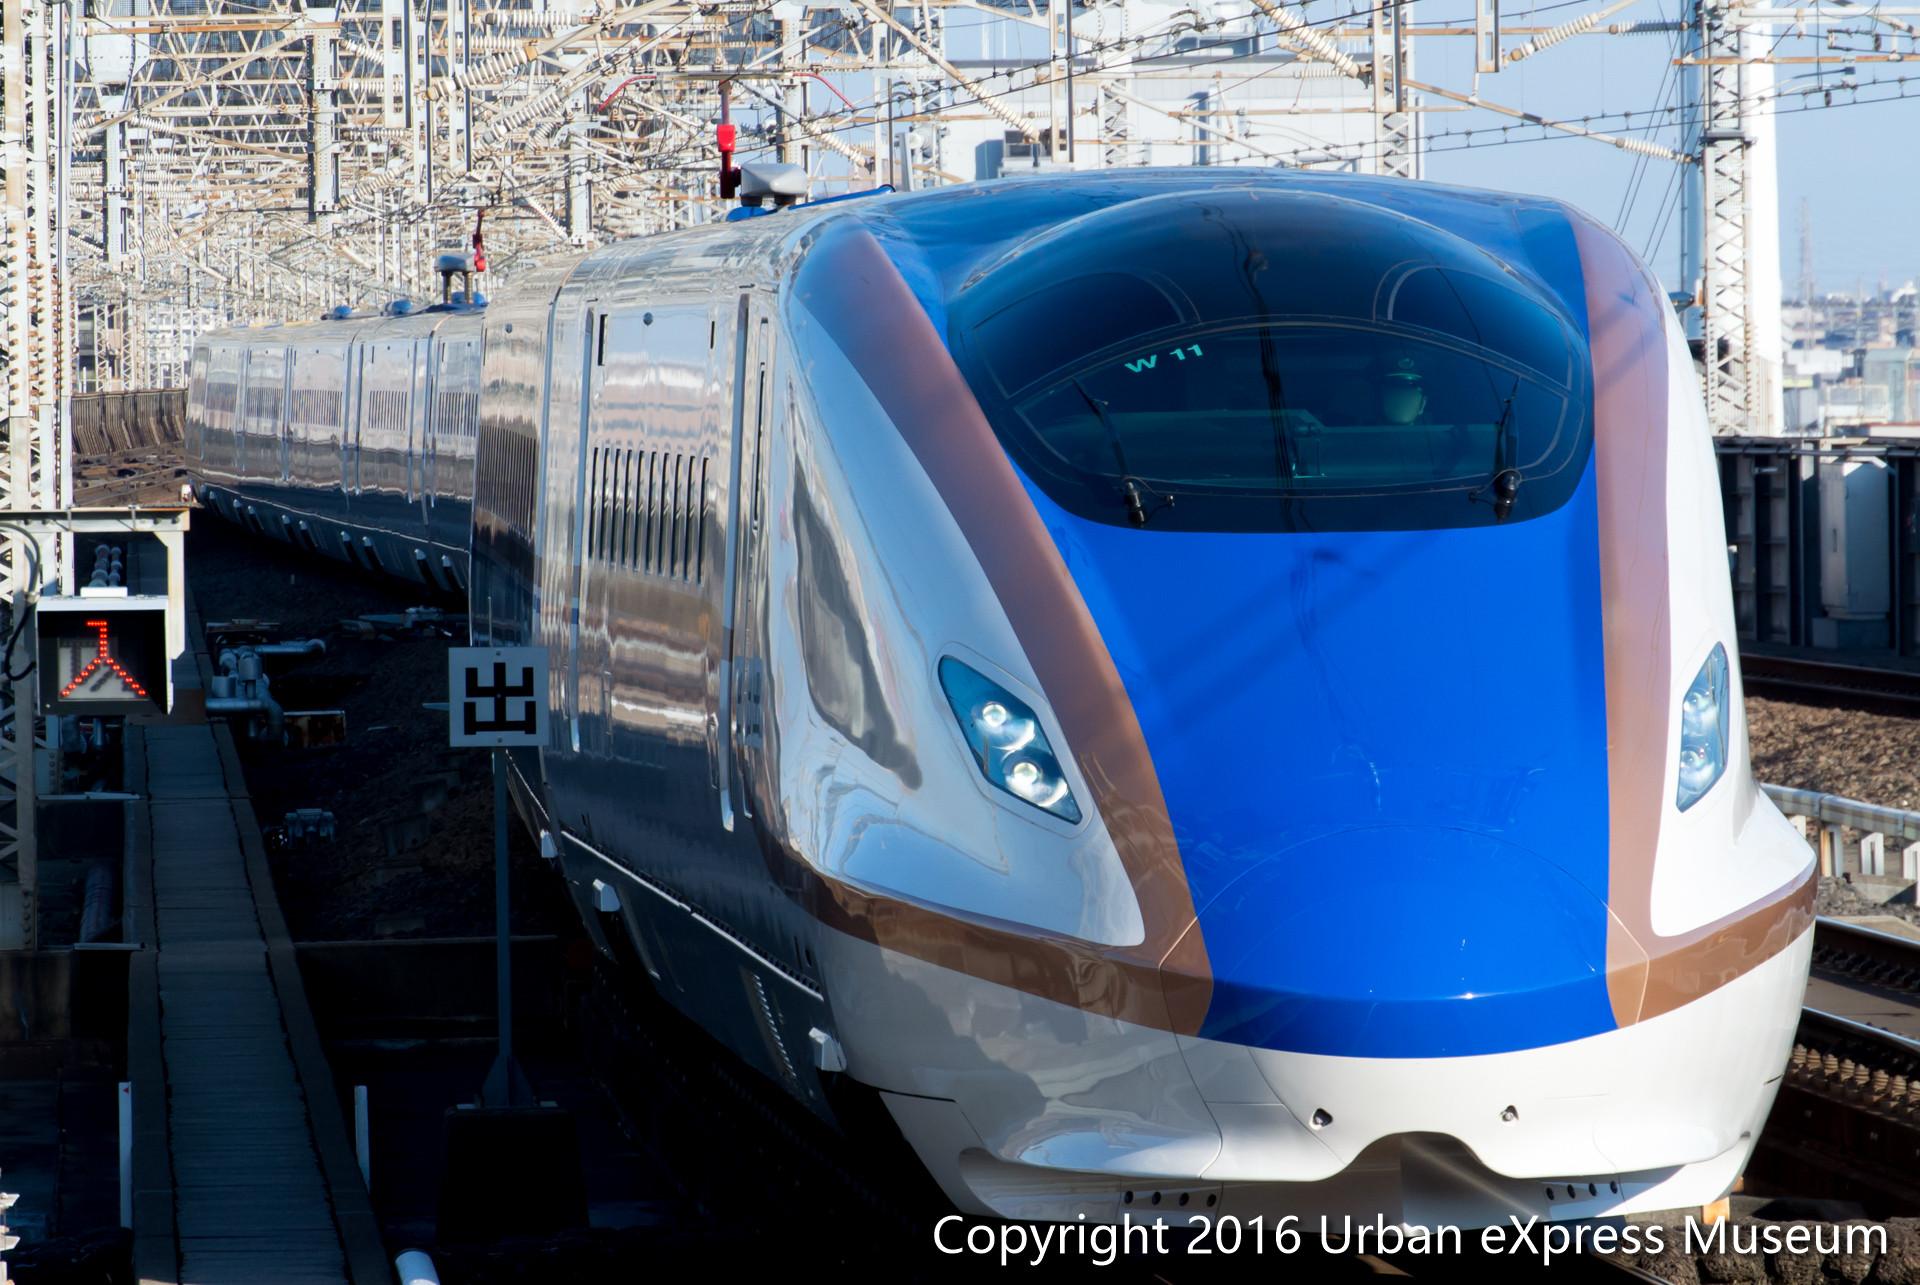 新幹線E7/W7系の写真を3枚追加しました!